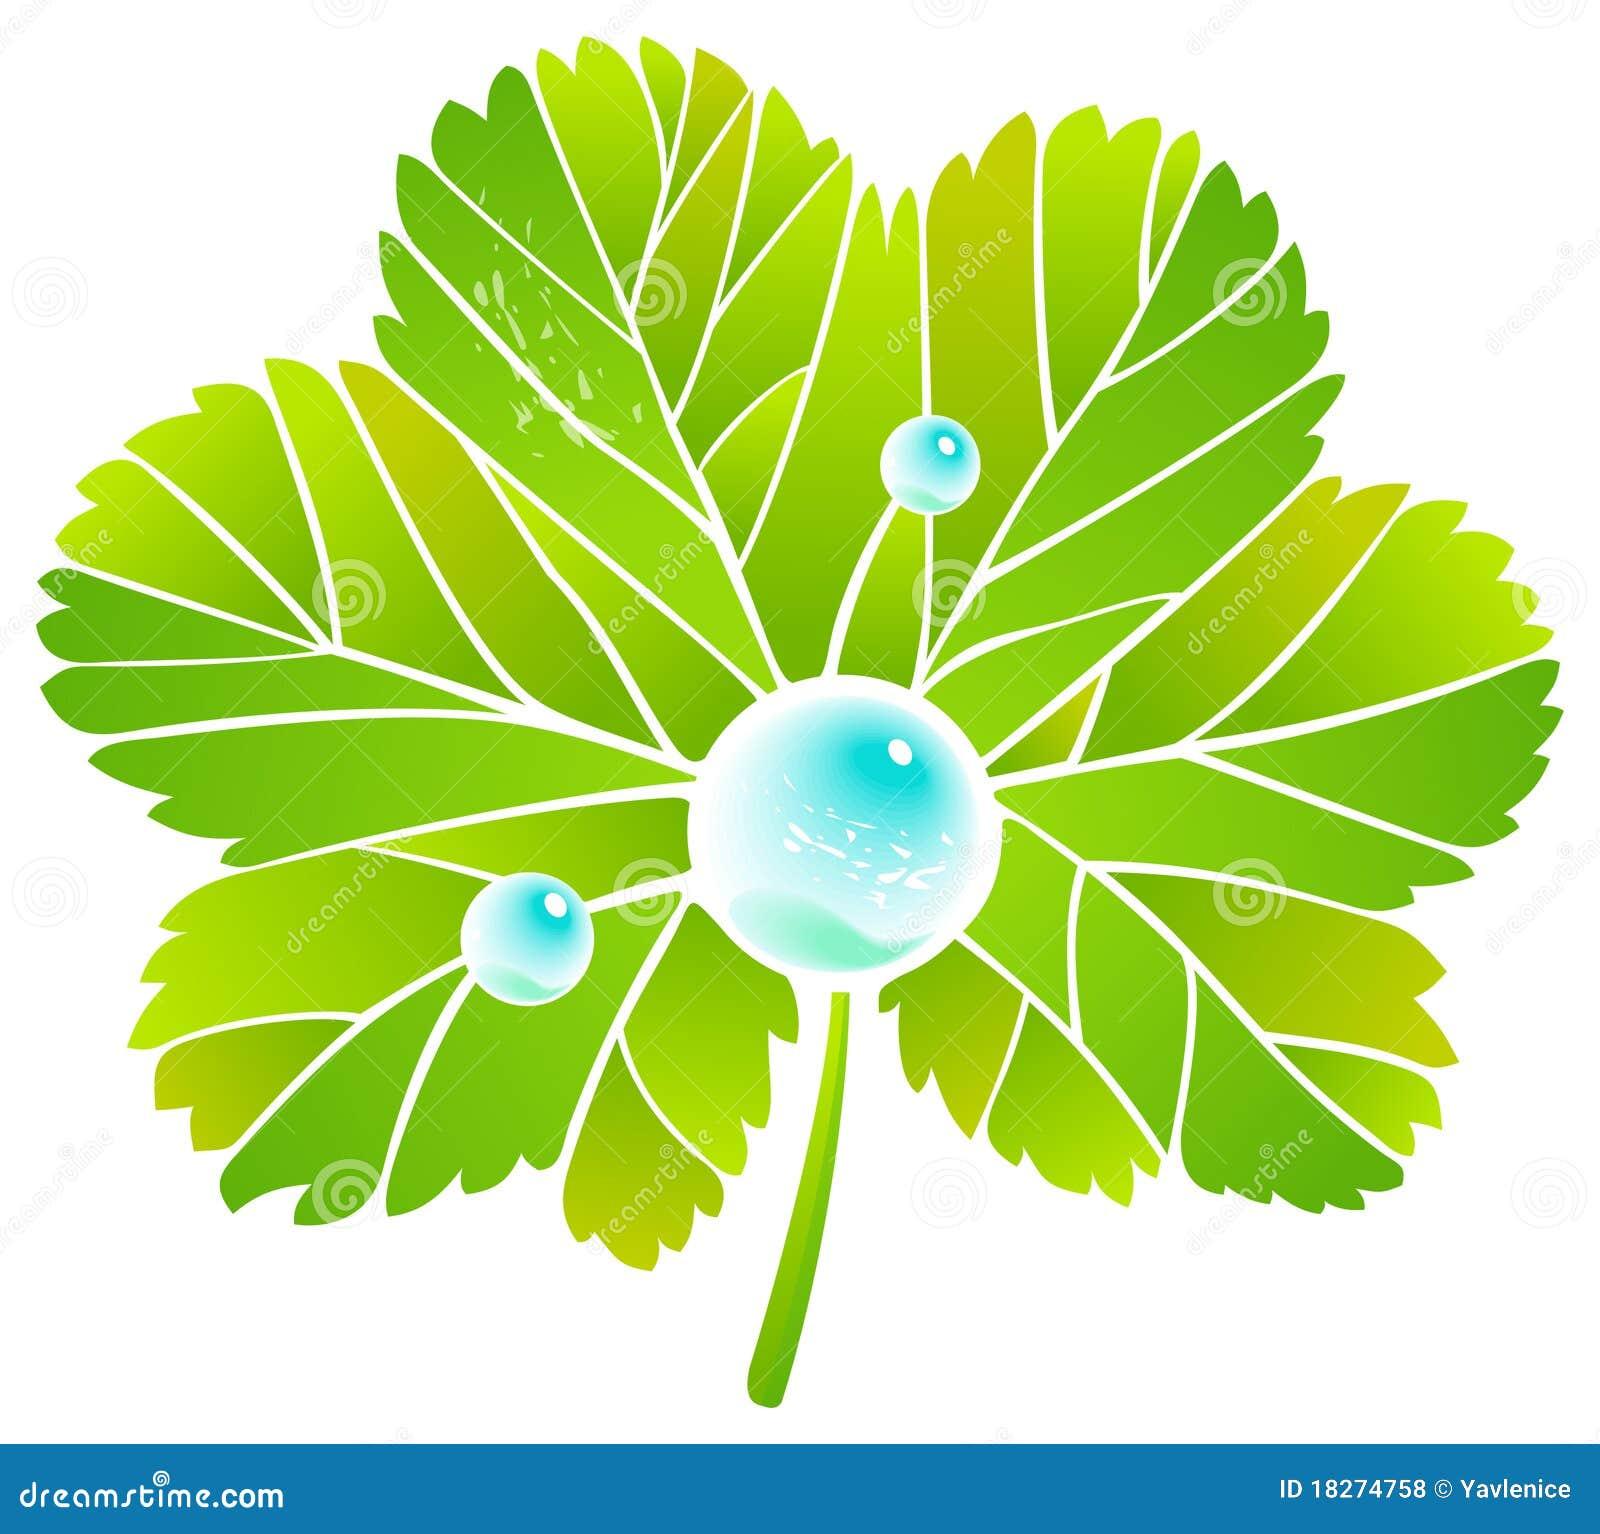 Leaf alchemilla and dew